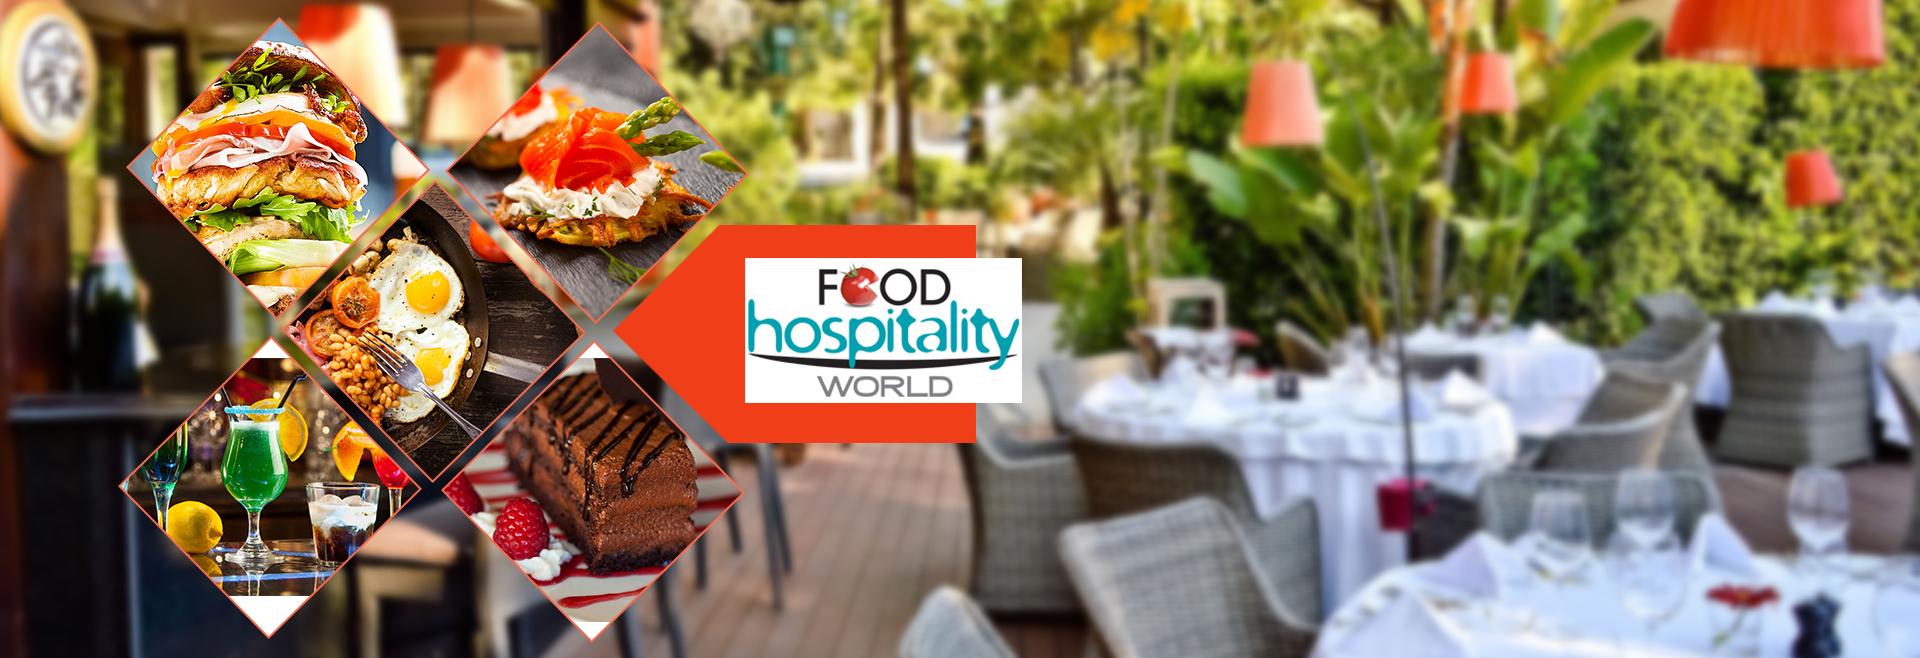 Food Hospitality World Bangalore 2017